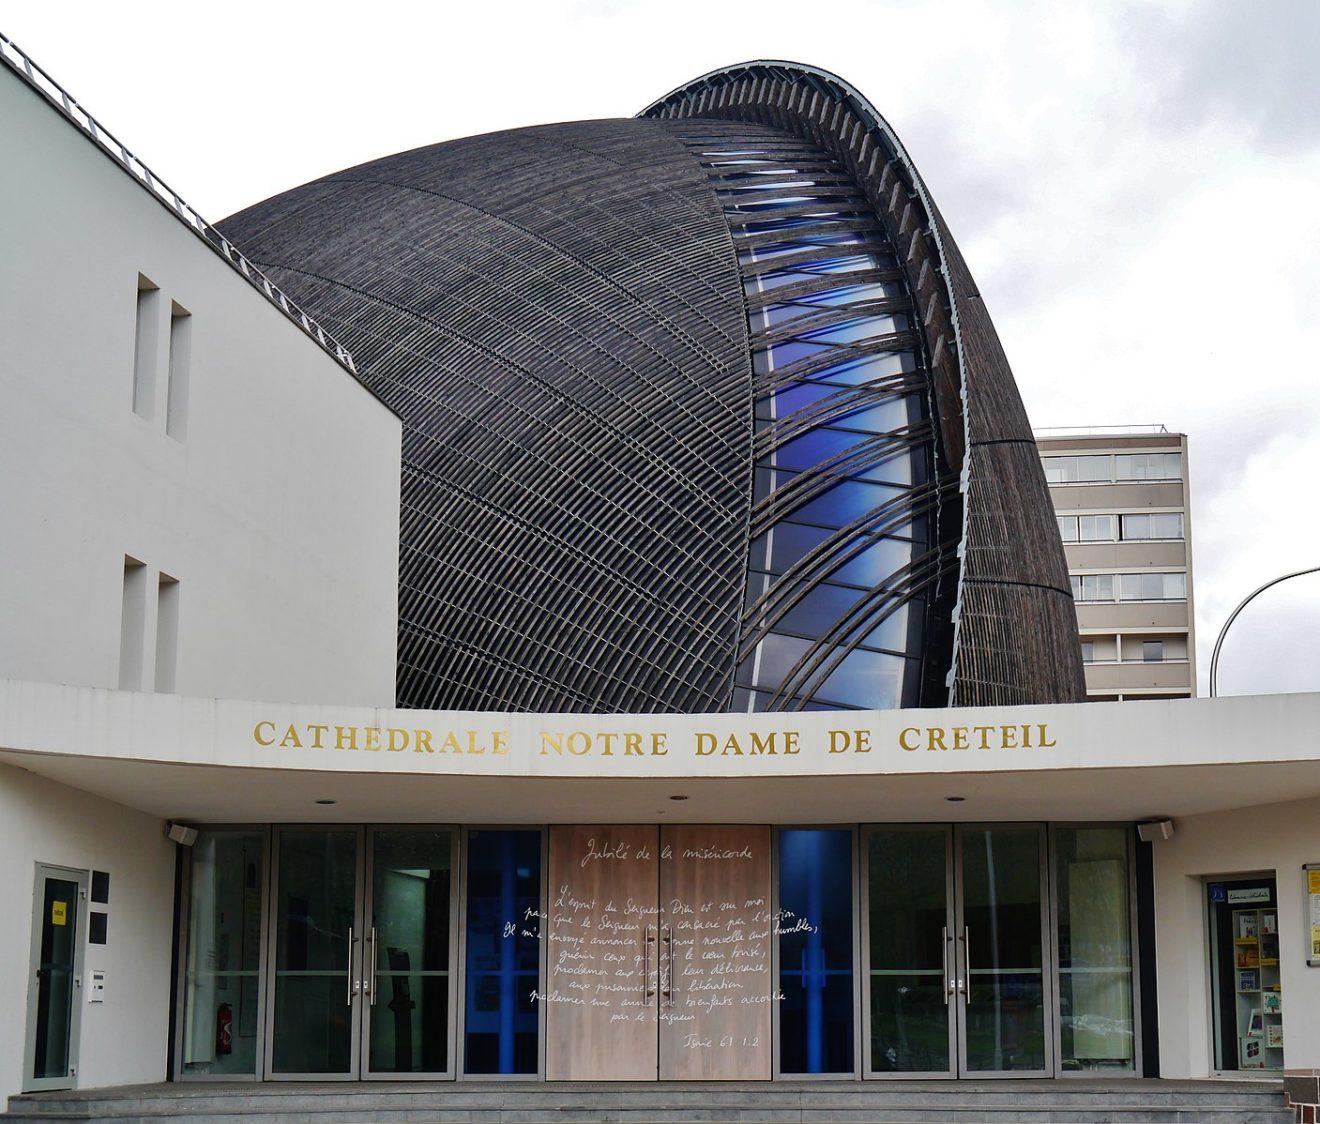 Cathédrale extérieure